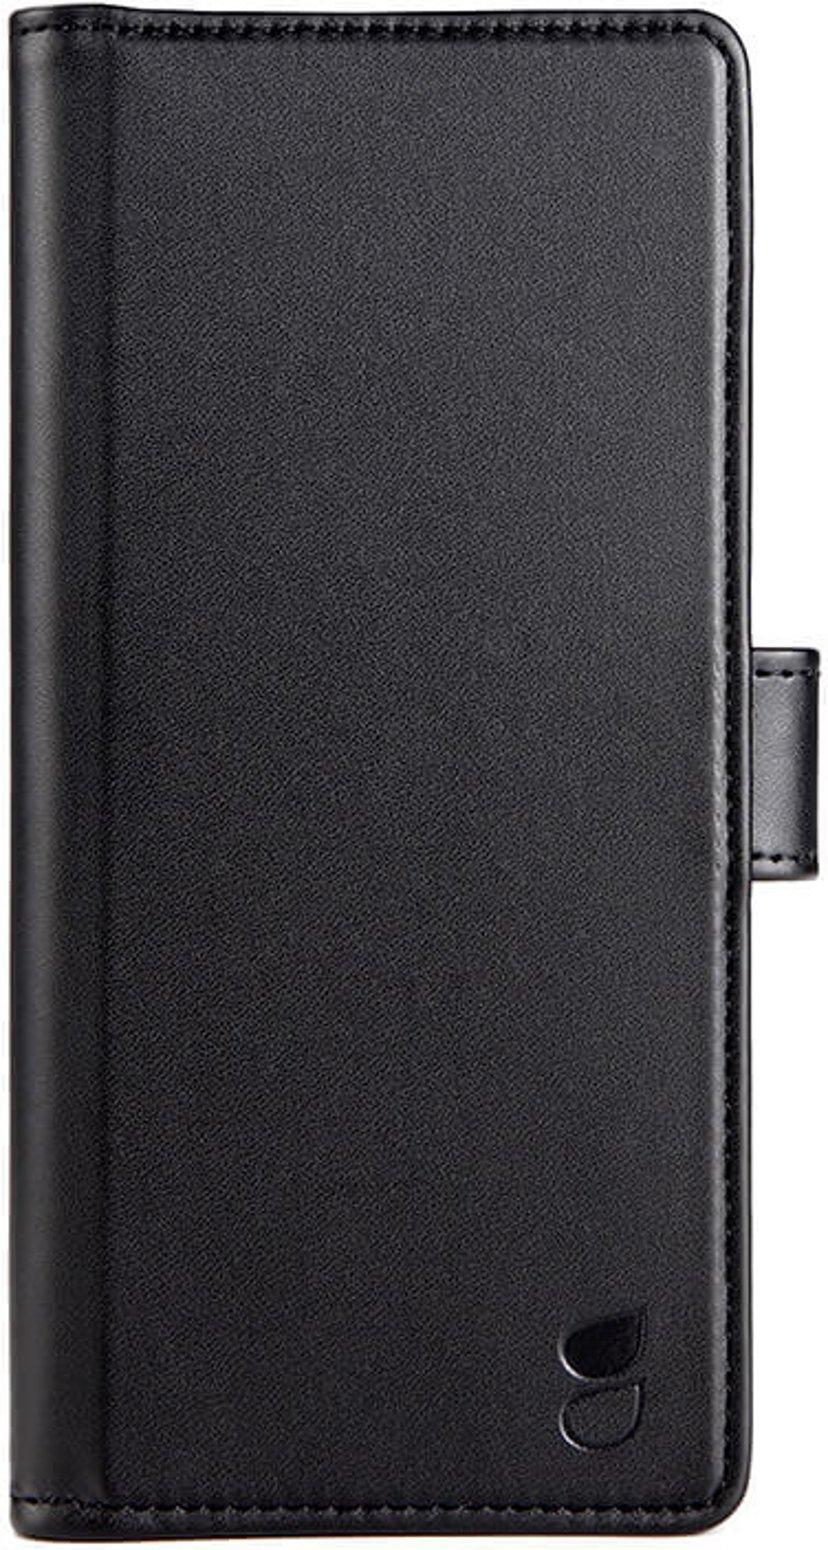 Gear Wallet Case Svart Sony Xperia 1 III